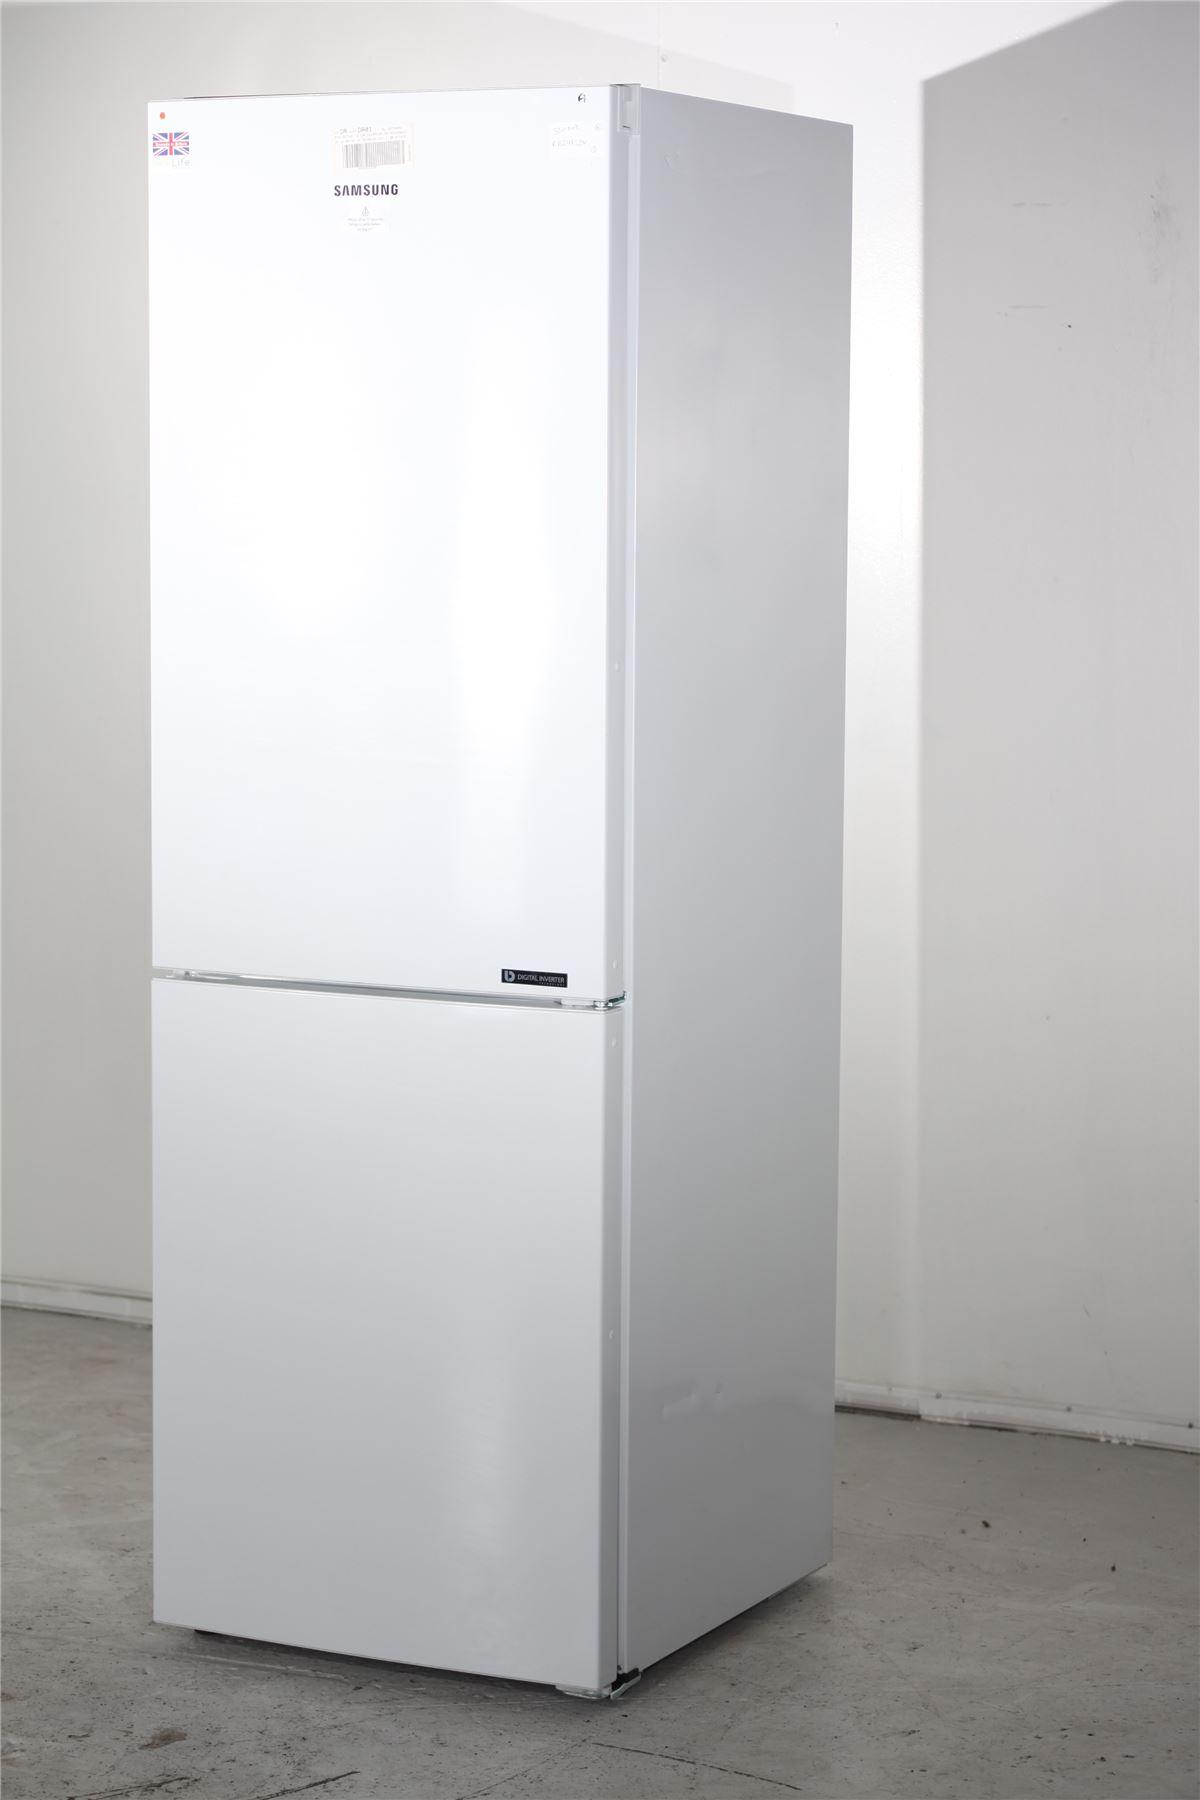 preloved samsung fridge freezer rb29fsjn white for. Black Bedroom Furniture Sets. Home Design Ideas